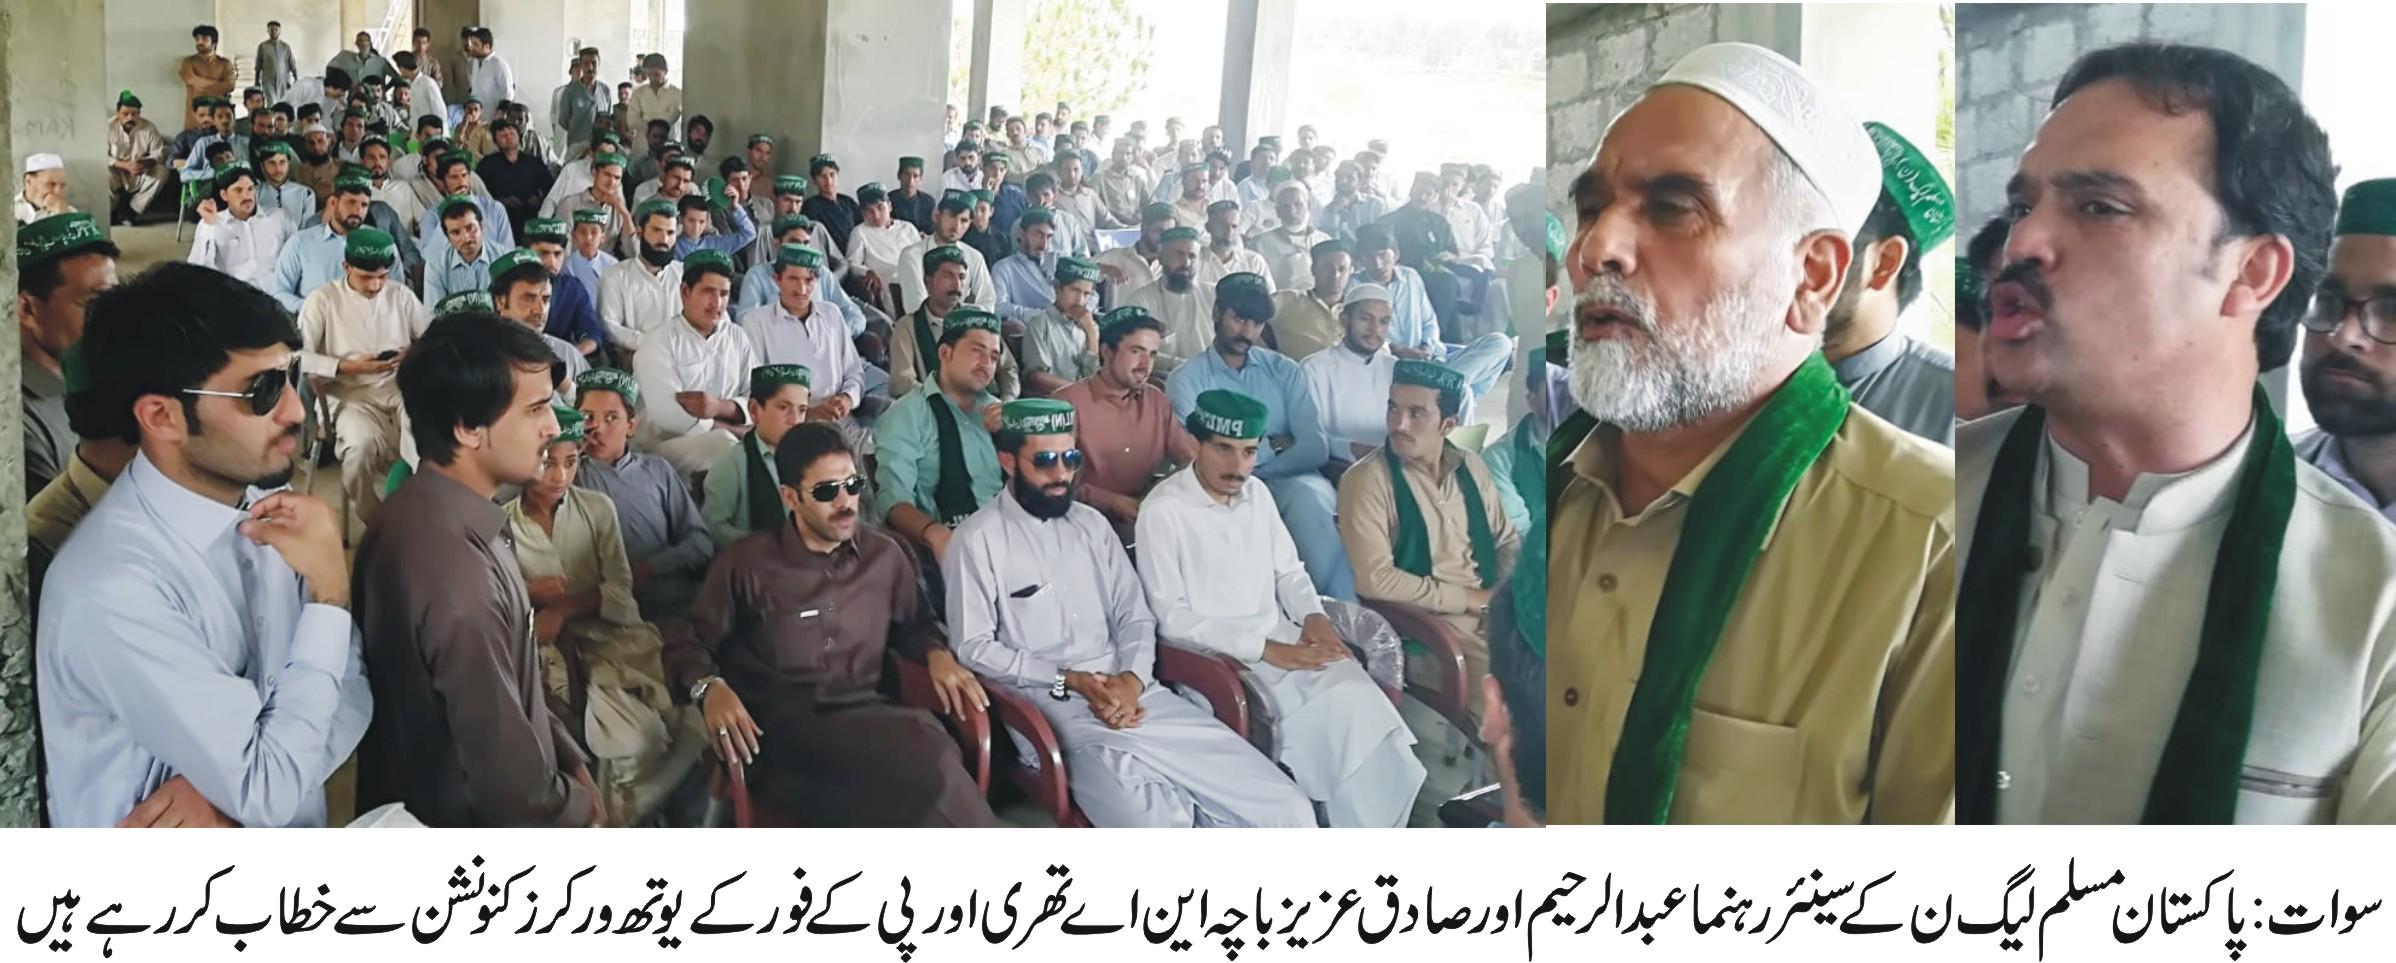 پاکستان مسلم لیگ (ن) الیکشن افس کا افتتاح ہوگیا ، جبکہ فضاگٹ میں یوتھ کنونشن بھی منعقد ہوا